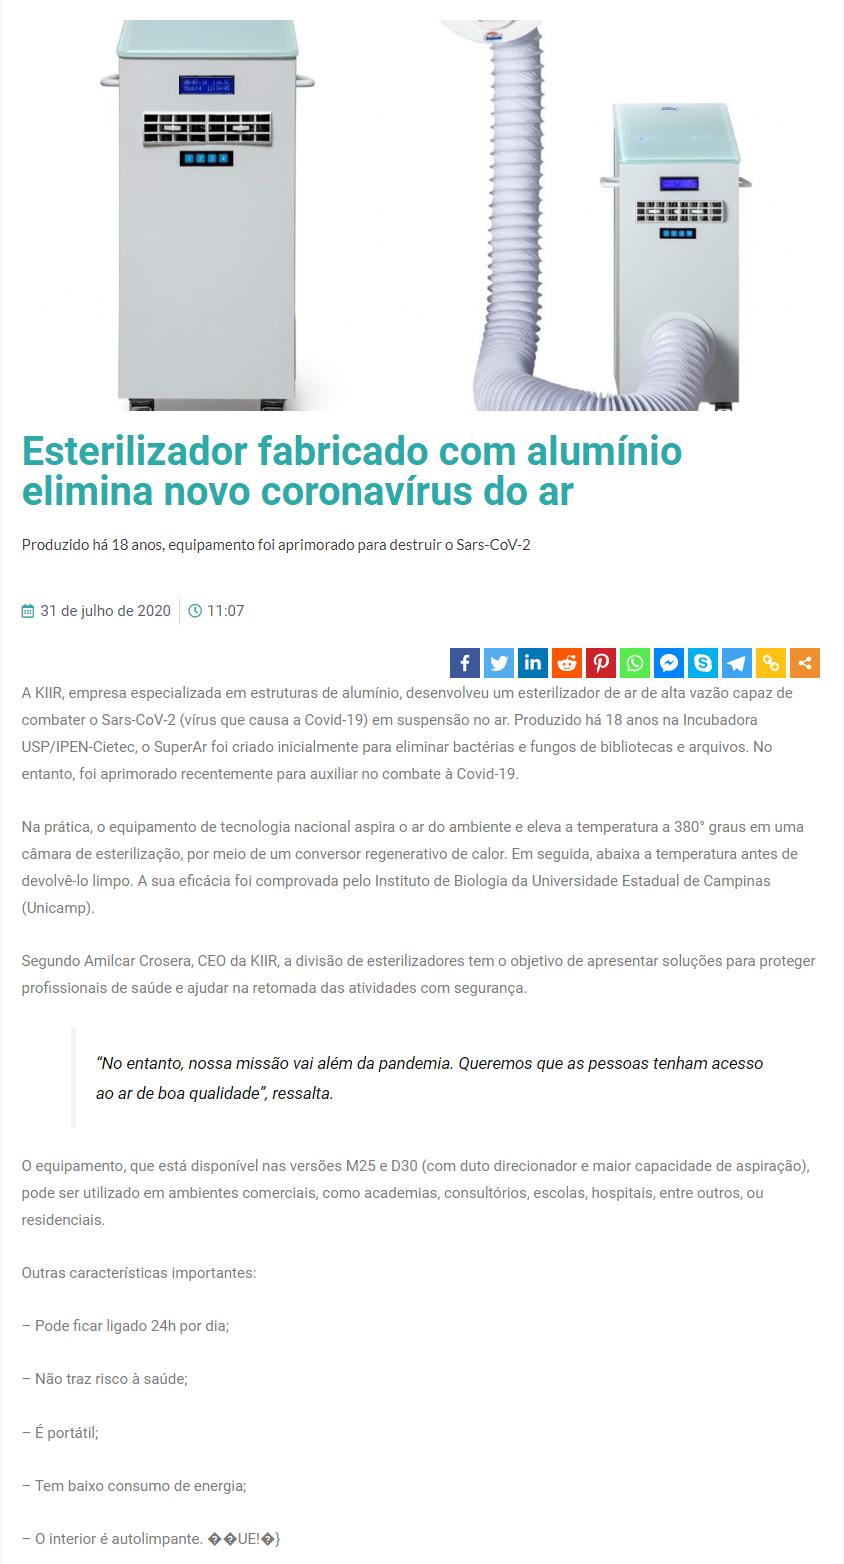 Esterilizador fabricado com alumínio elimina novo coronavírus do ar - Revista Alumínio